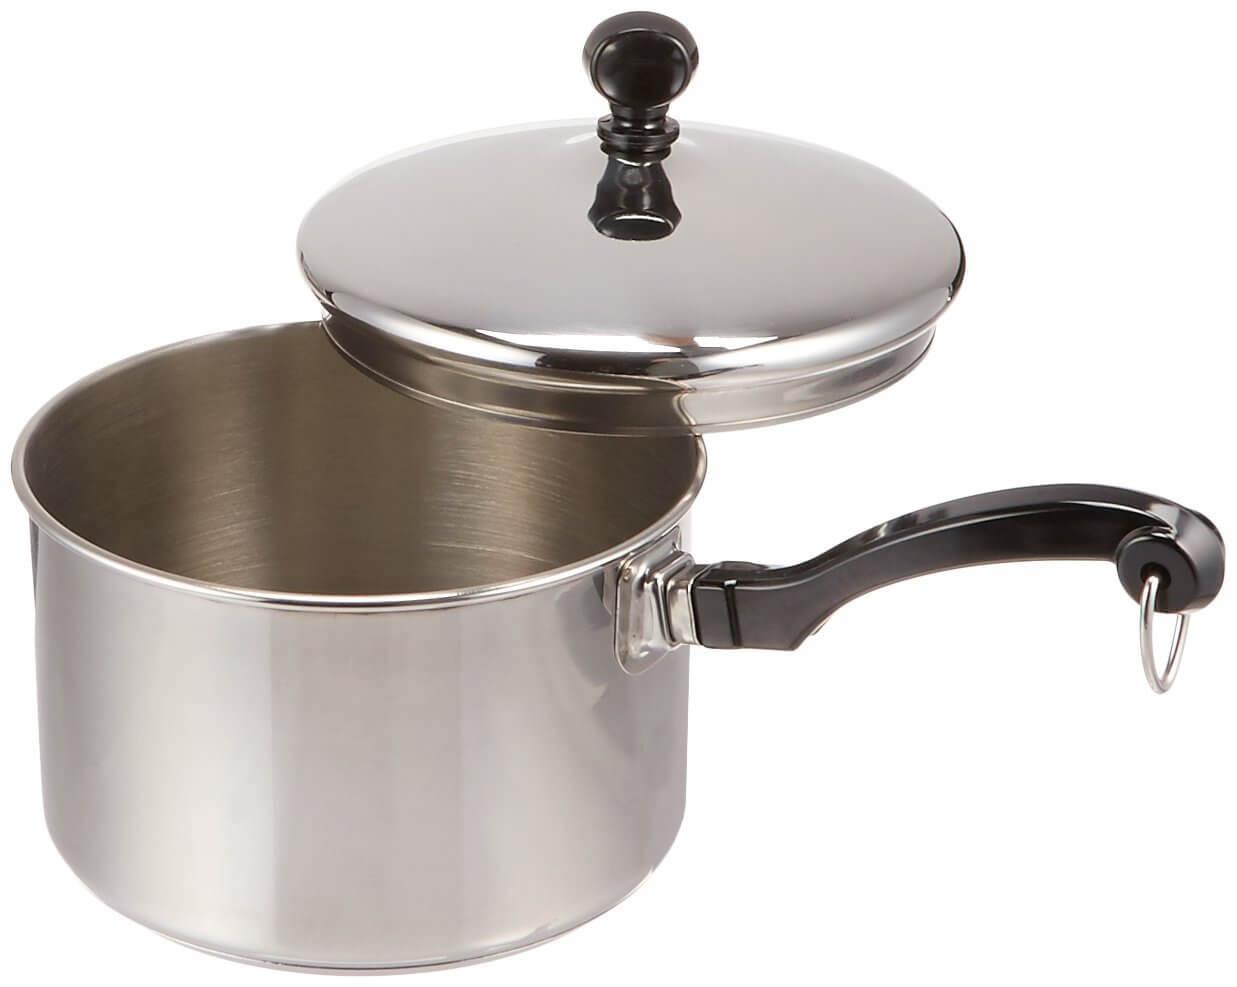 Farberware 2-quart covered saucepan